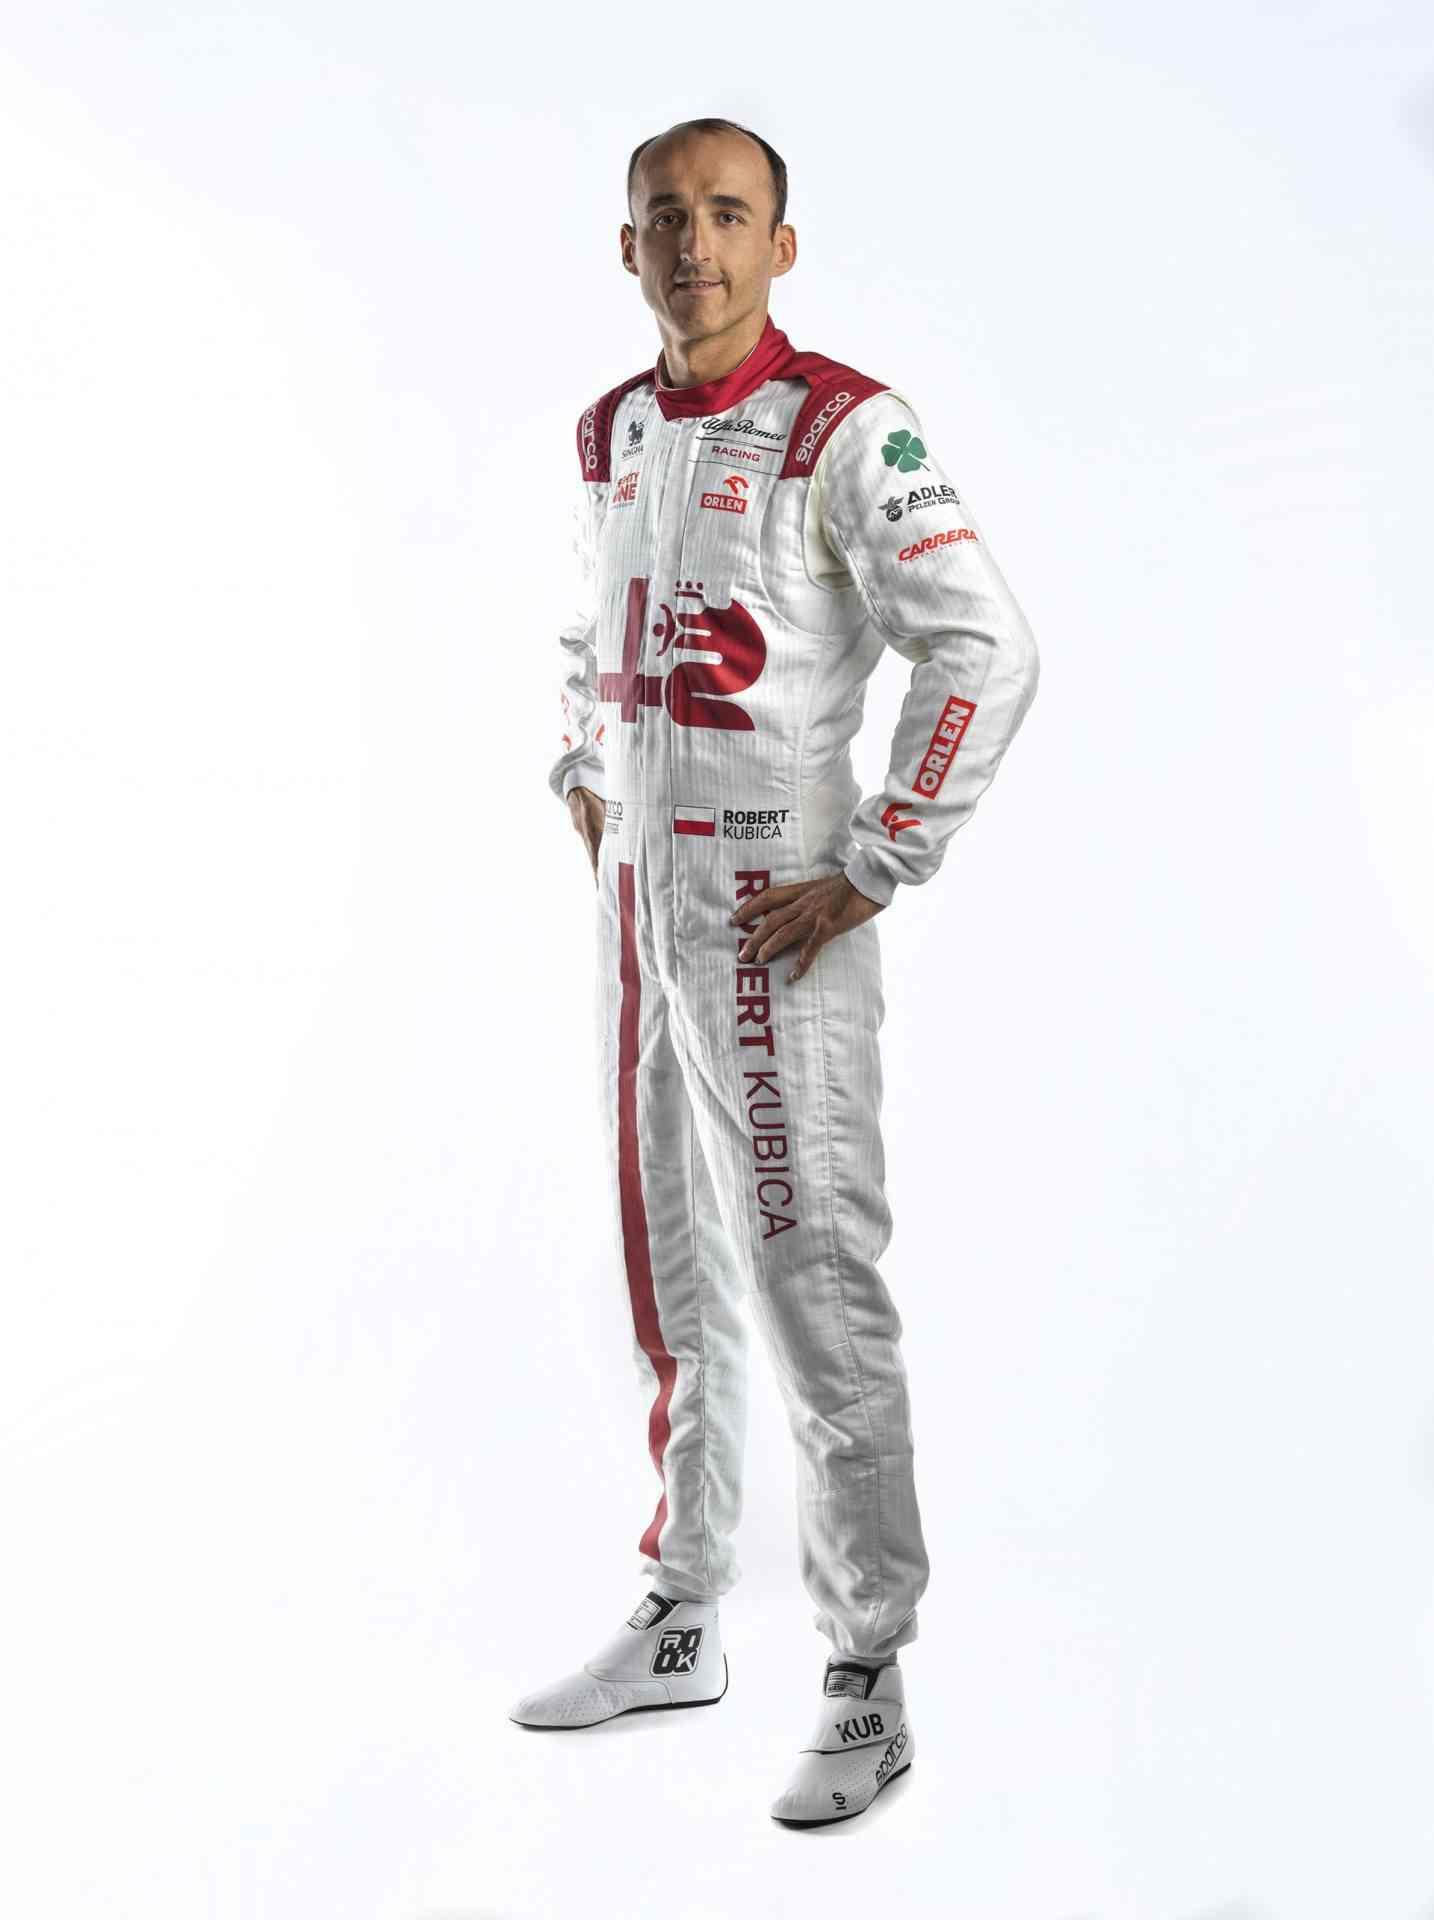 Robert-Kubica-Race-Suit-1